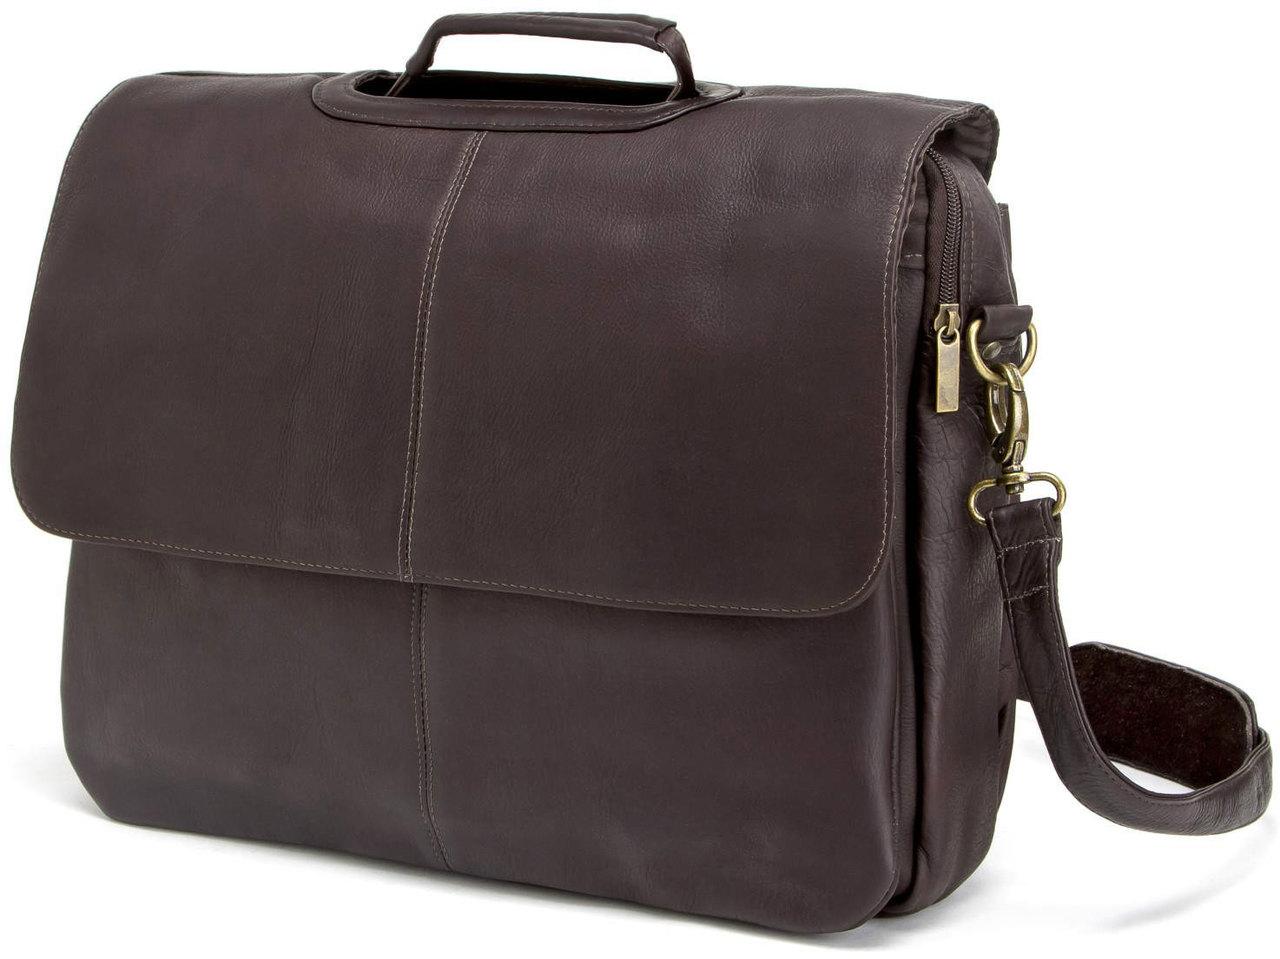 10efc6594e Edmond Leather Deluxe Executive Briefcase (Chocolate)